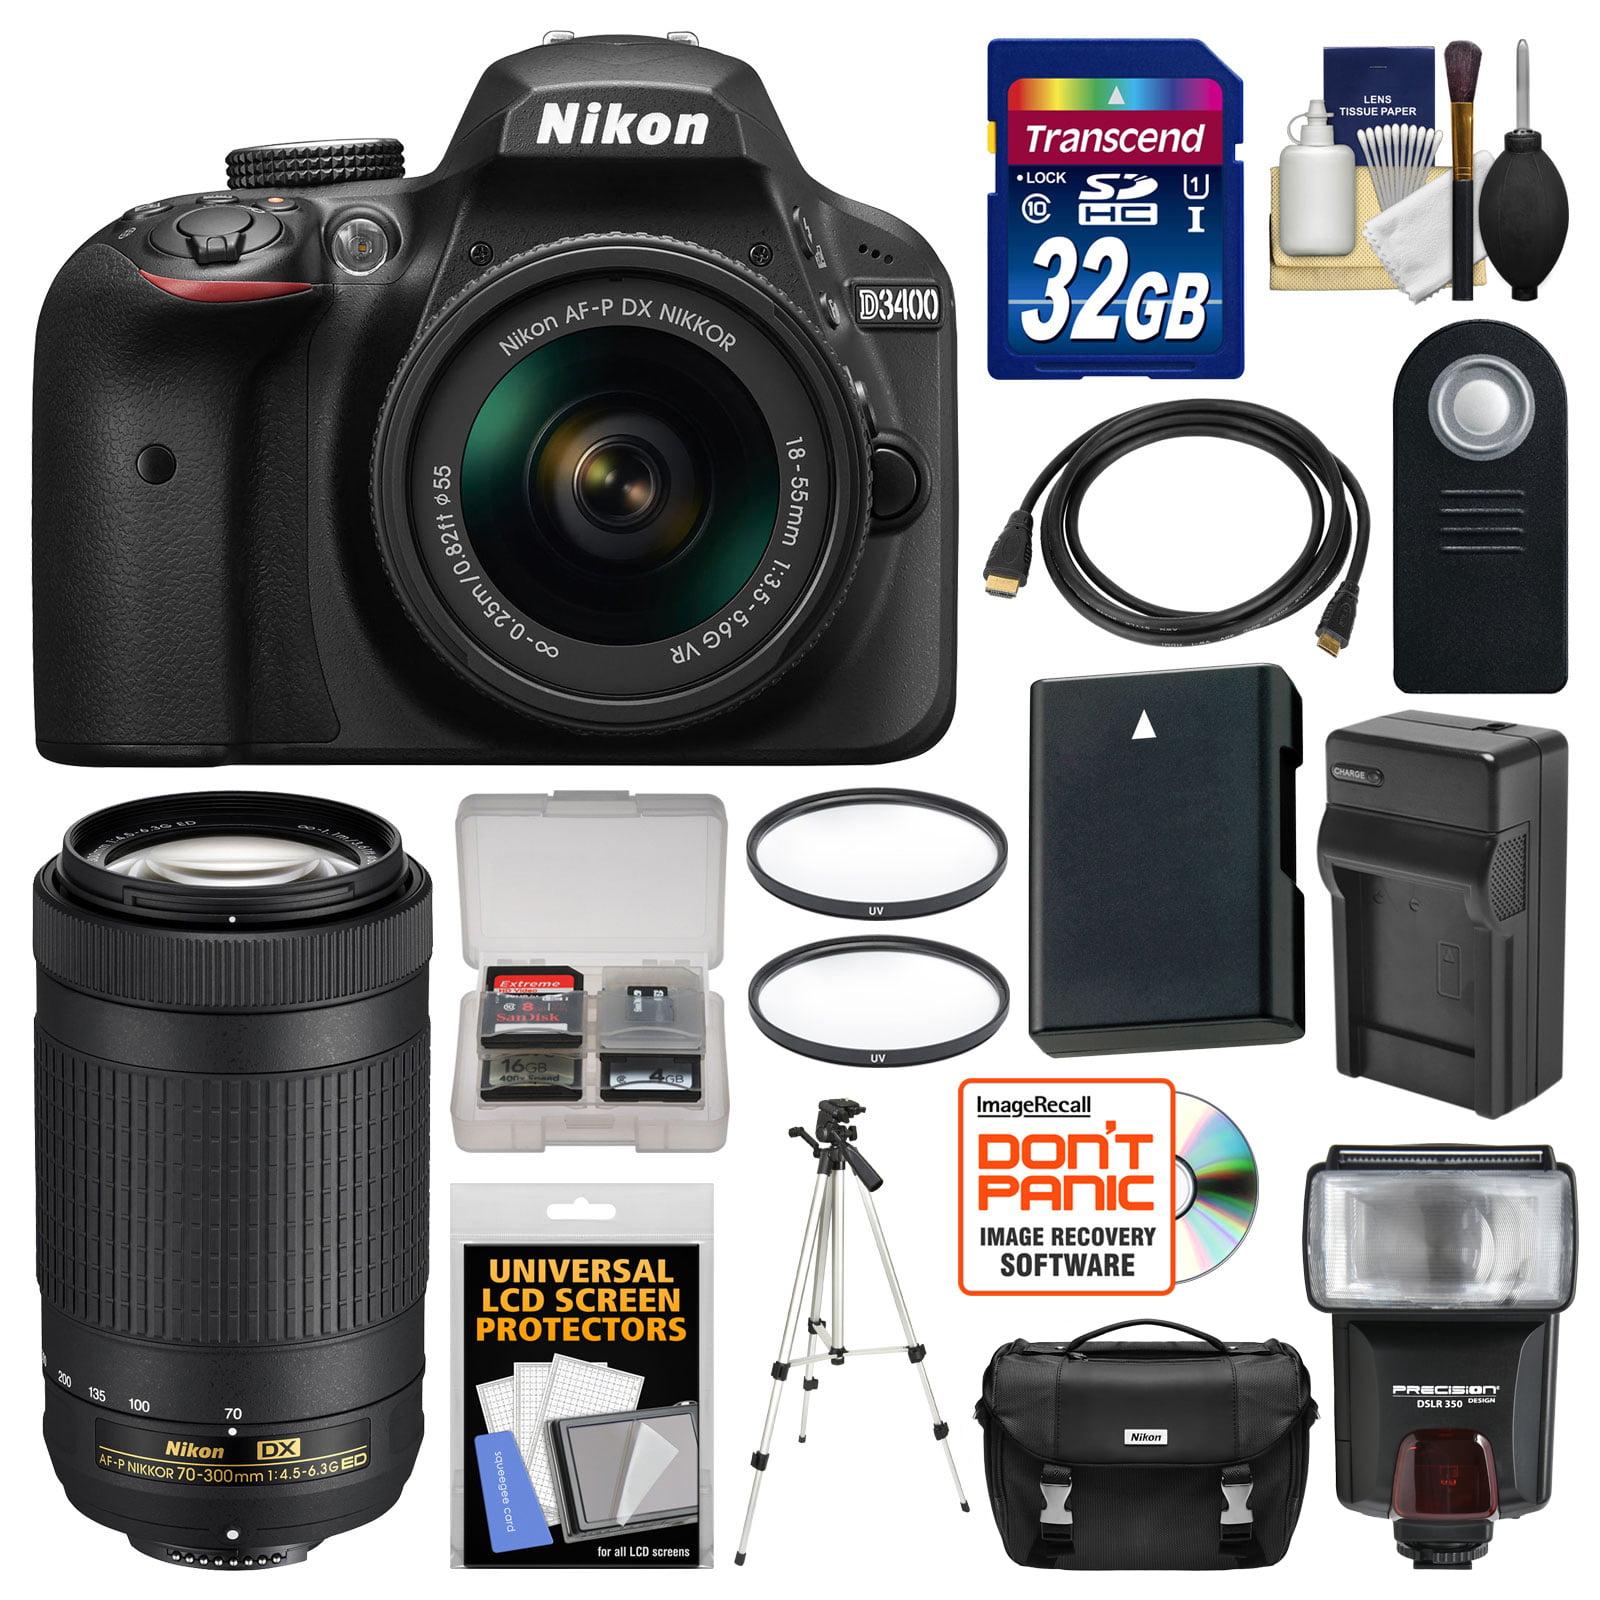 Nikon D3400 Digital SLR Camera & 18-55mm VR & 70-300mm DX AF-P Lenses with 32GB Card + Case + Flash + Battery & Charger + Tripod + Filters + Kit